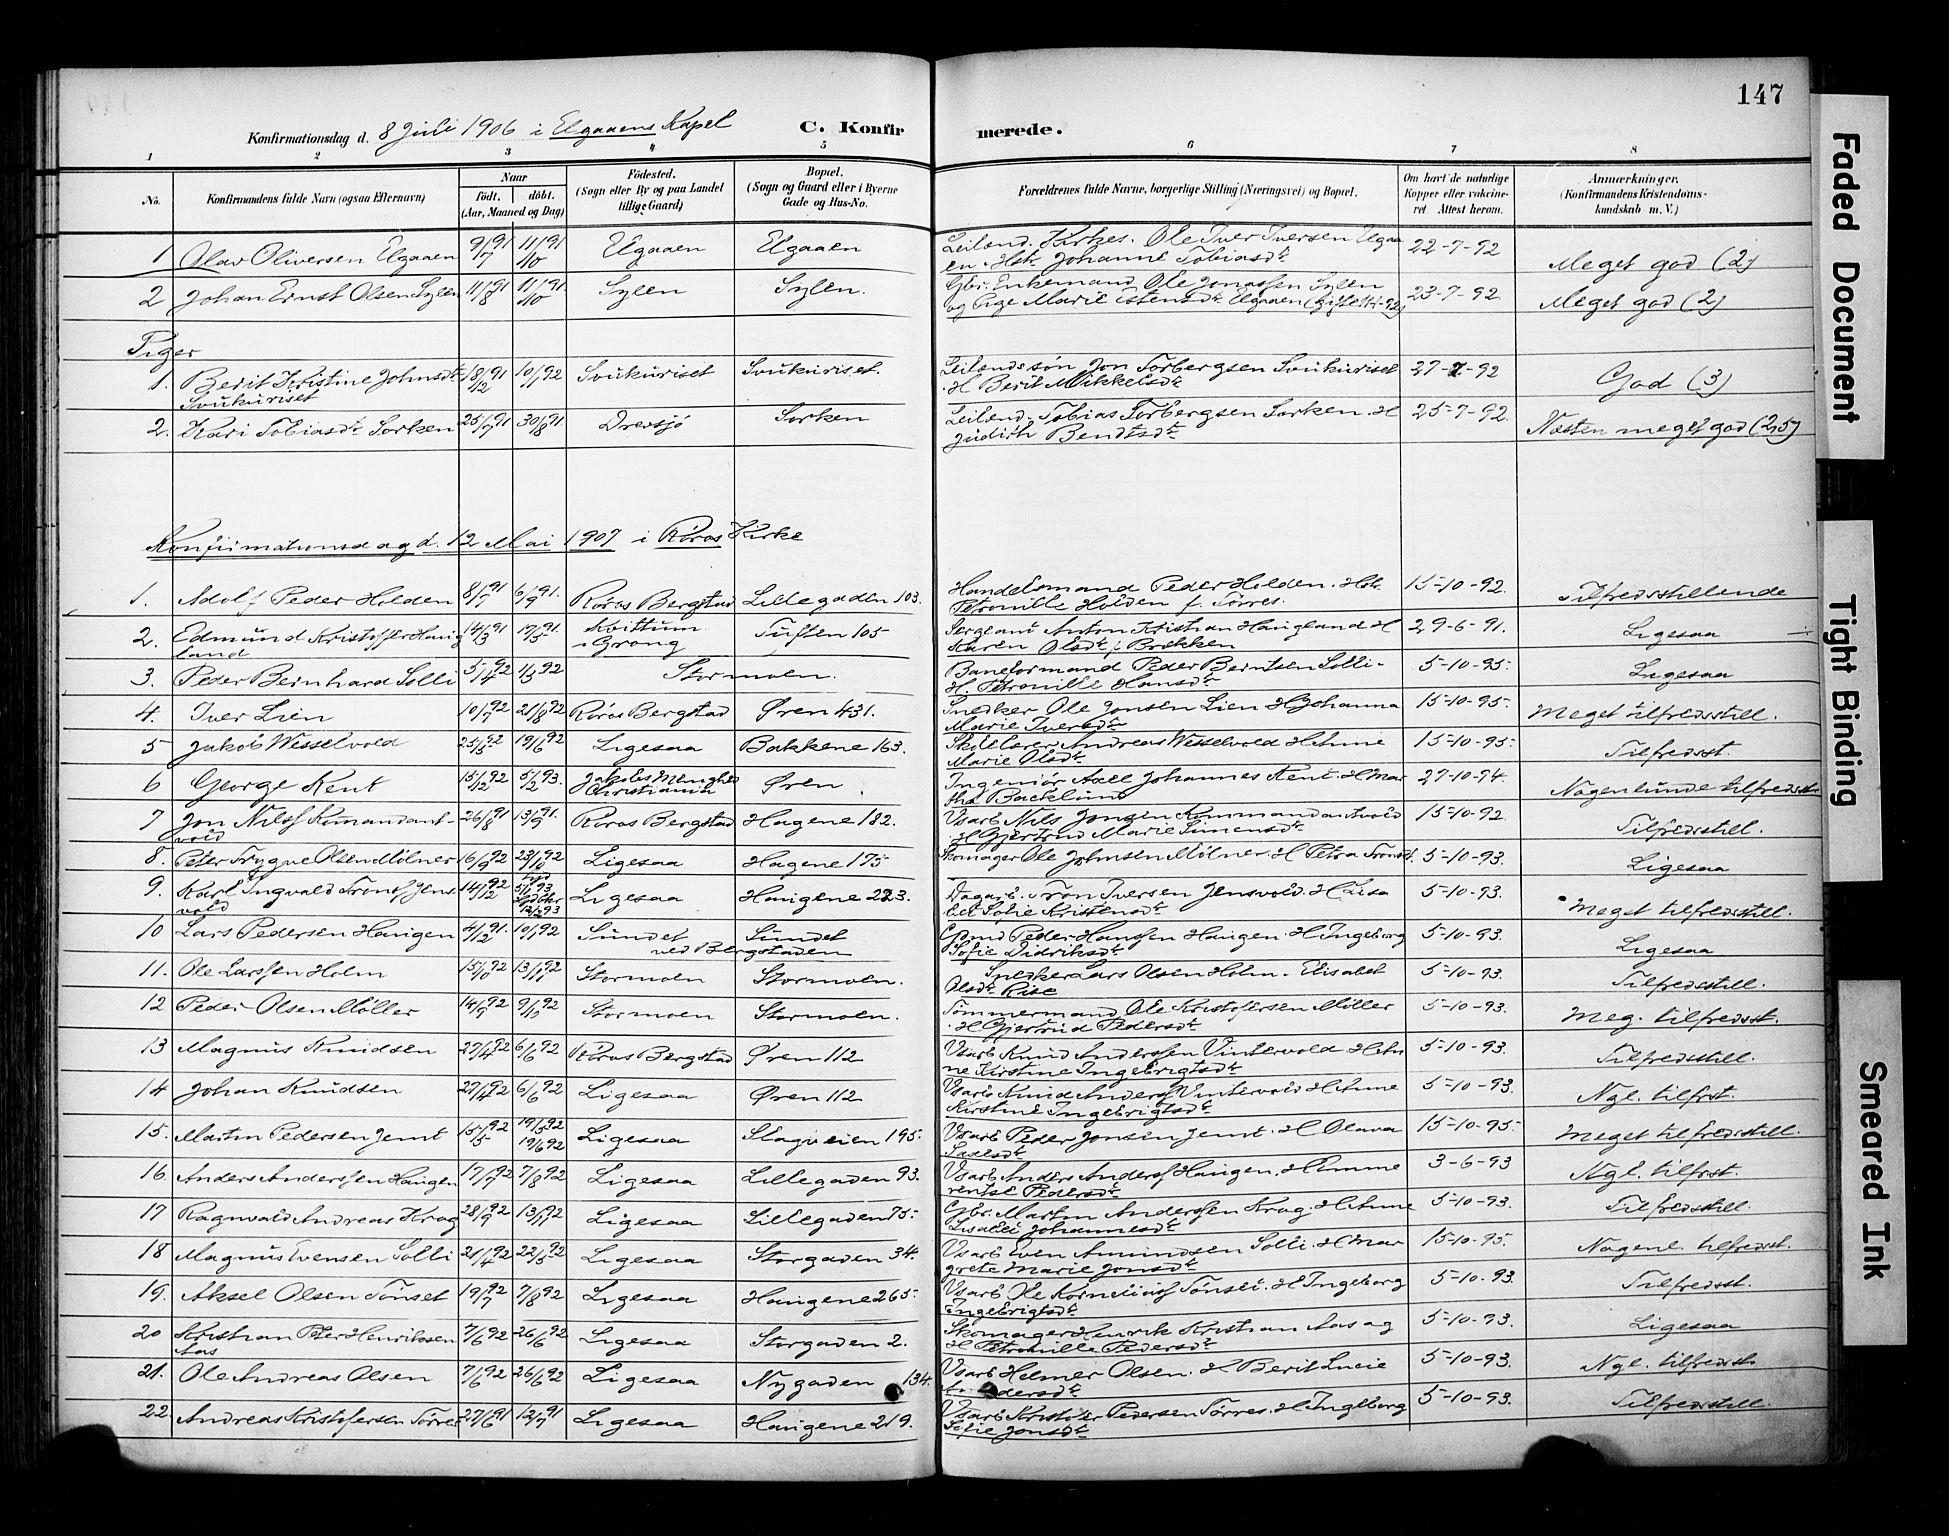 SAT, Ministerialprotokoller, klokkerbøker og fødselsregistre - Sør-Trøndelag, 681/L0936: Ministerialbok nr. 681A14, 1899-1908, s. 147